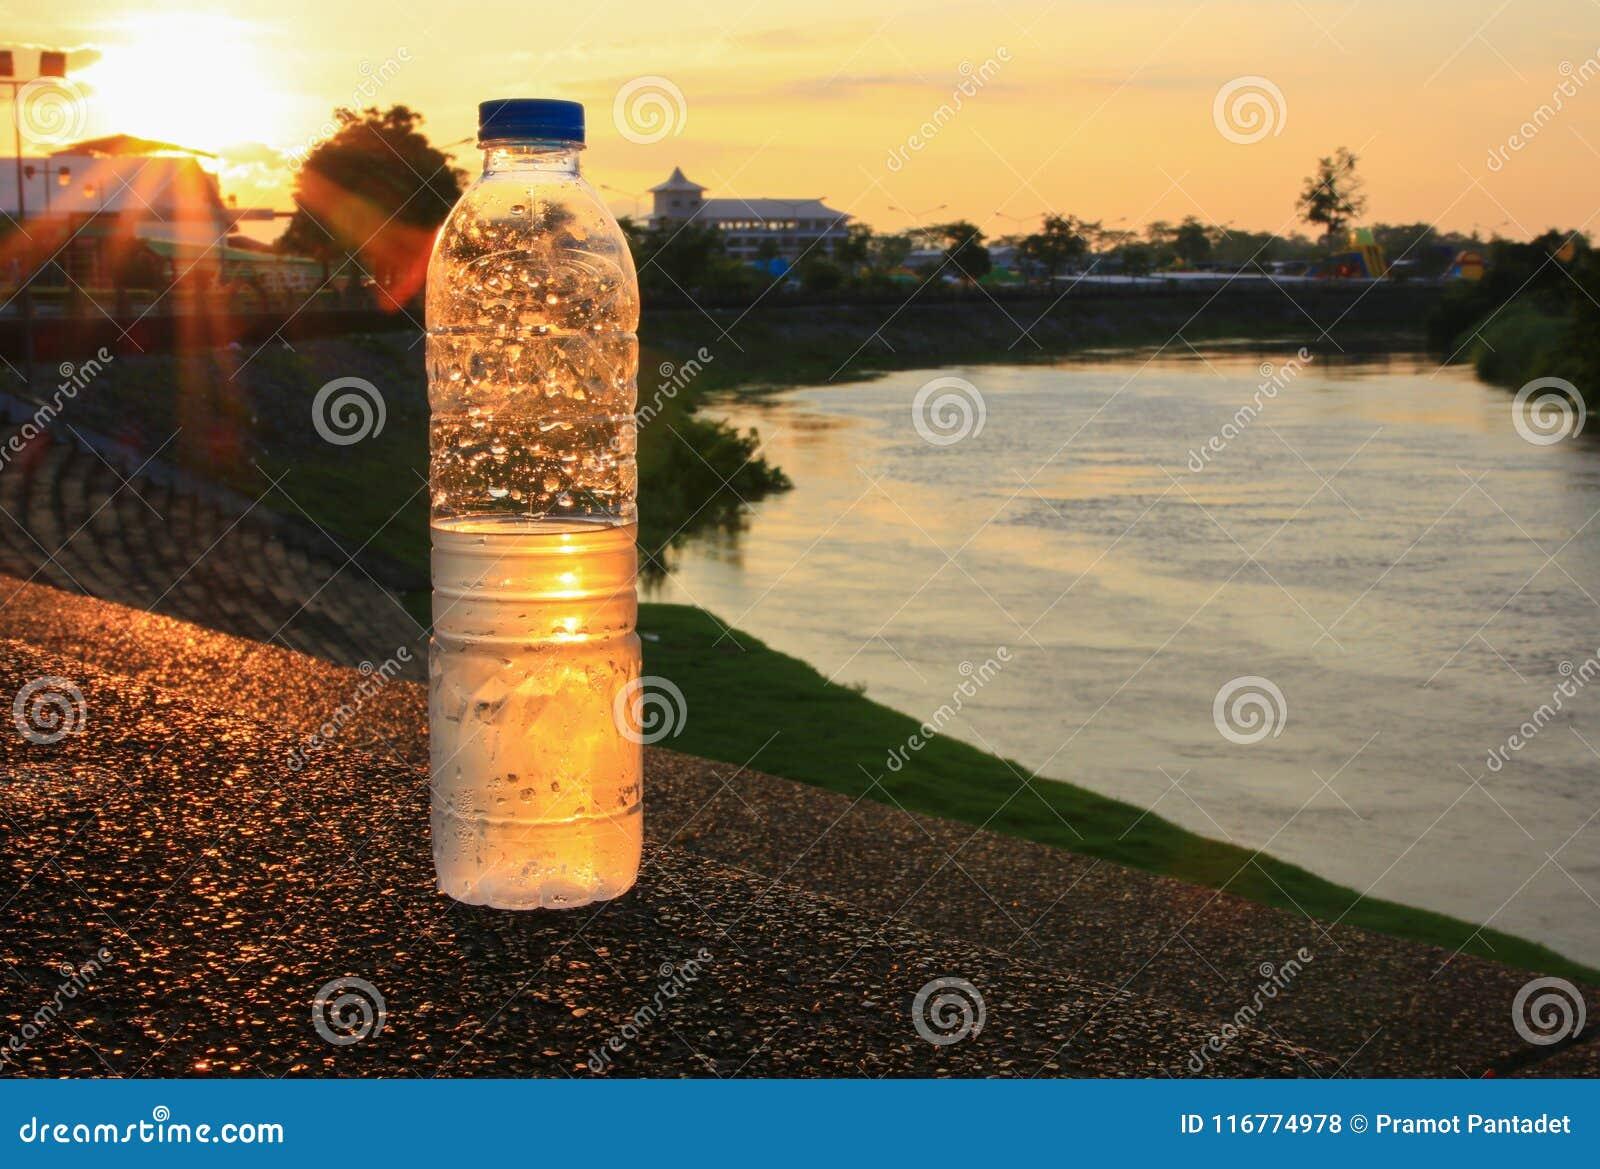 Plastikwasserflasche auf dem Steinboden in einem allgemeinen Park bei Sonnenuntergang, Sonnenaufgangzeit